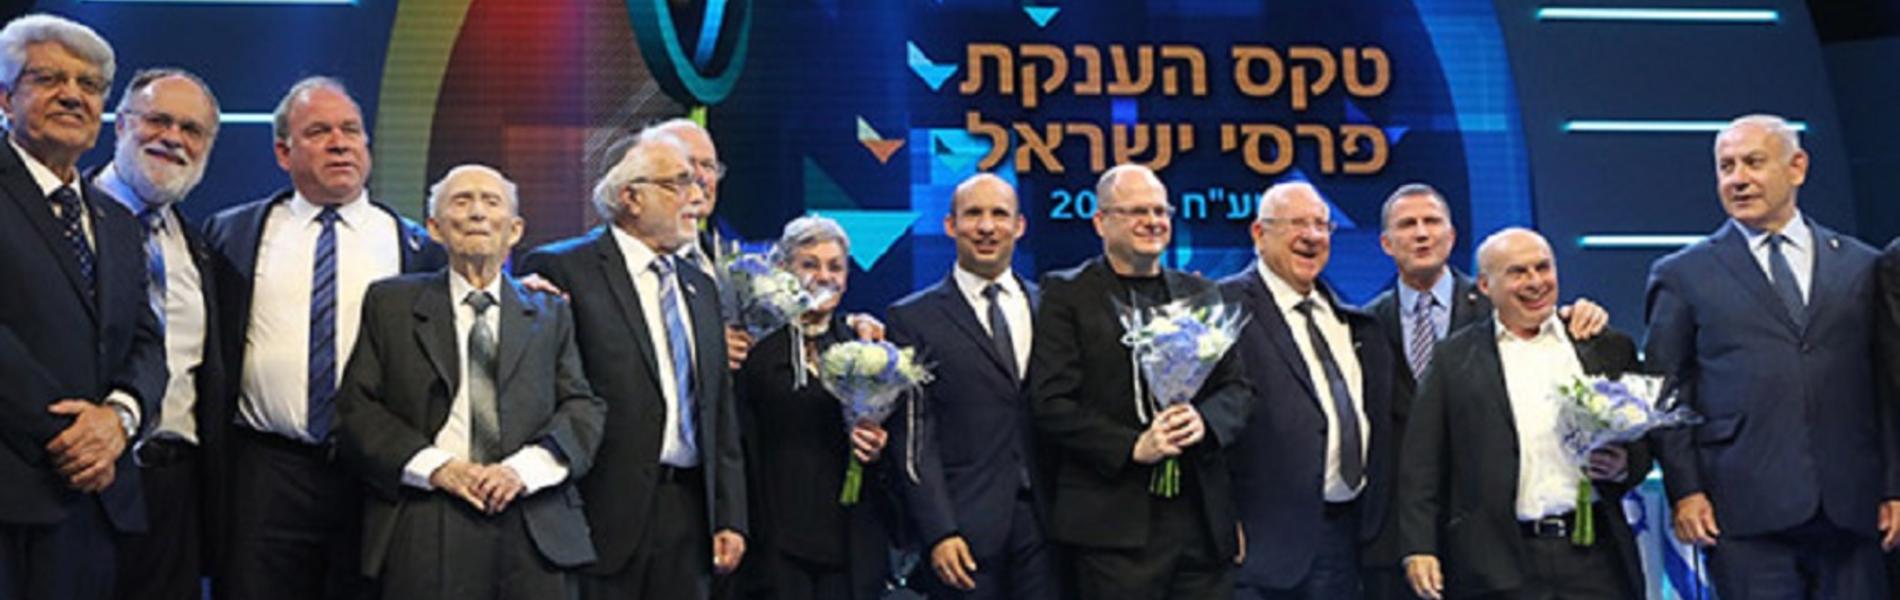 """""""והזוכות הן…"""" מגישות מועמדות לפרס ישראל כדי שהביזיון של שנה שעברה לא יחזור על עצמו"""